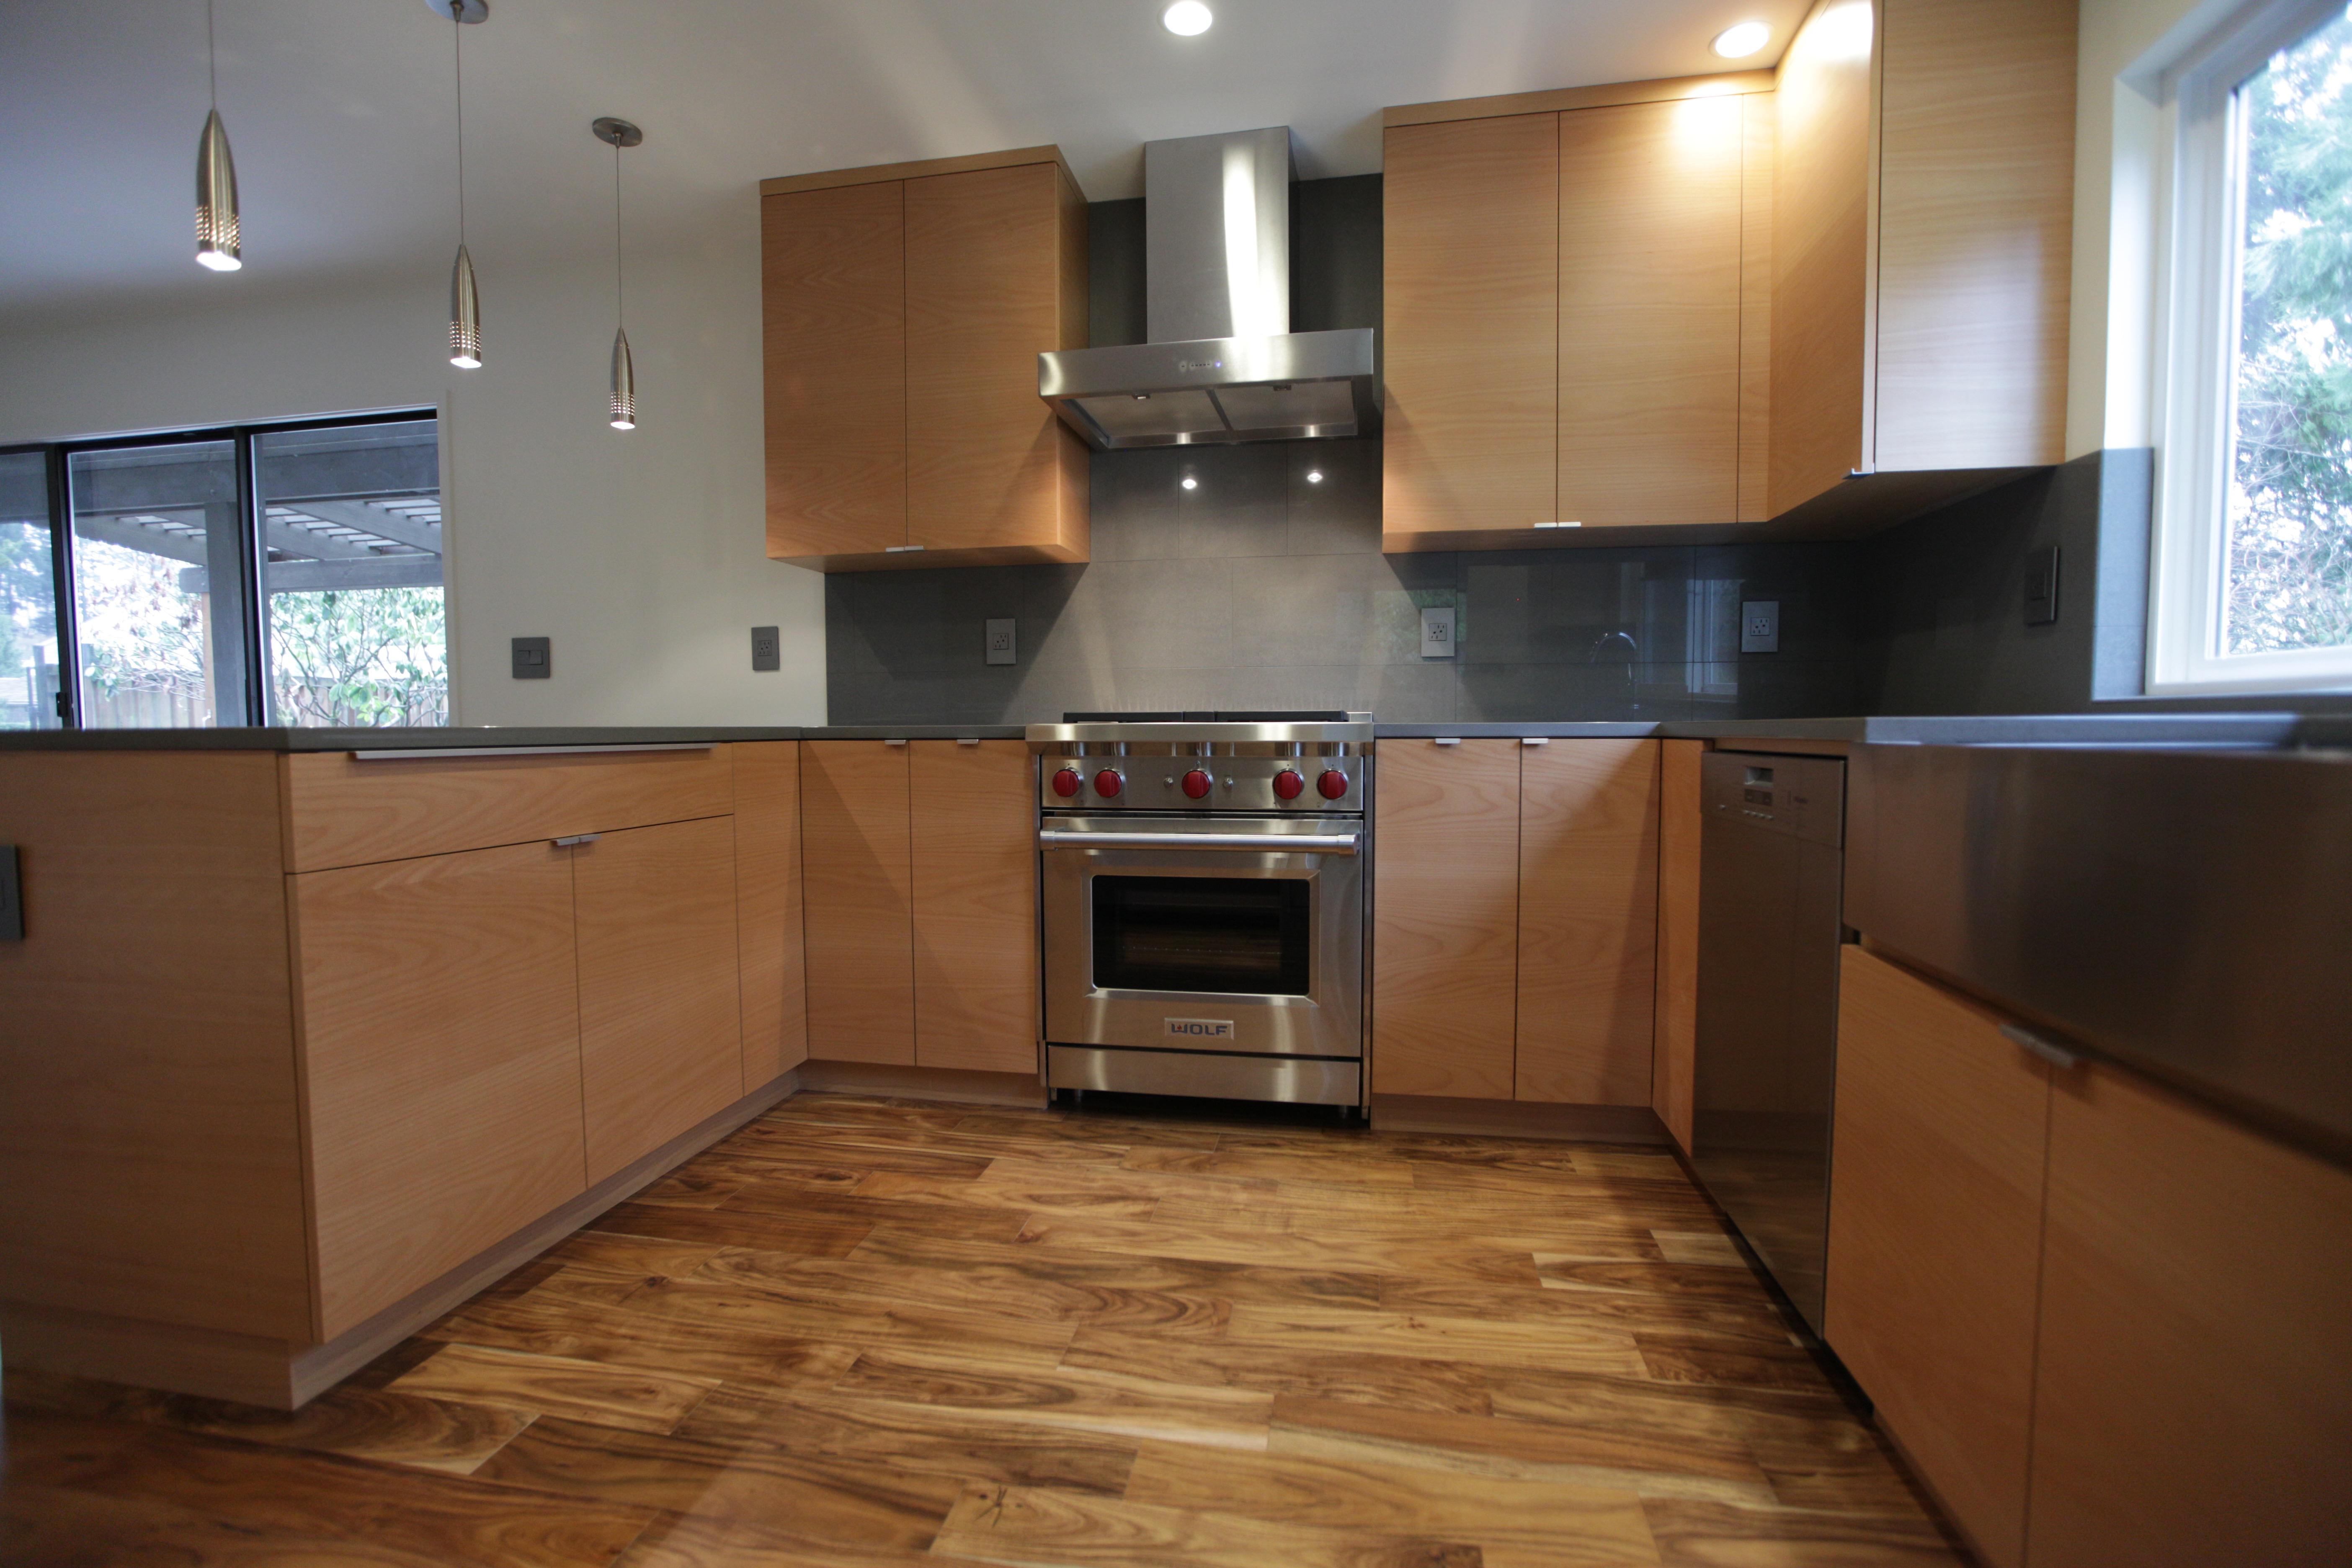 C & A Bathroom and Kitchen 2016 | Alex Freddi Construction, LLC.